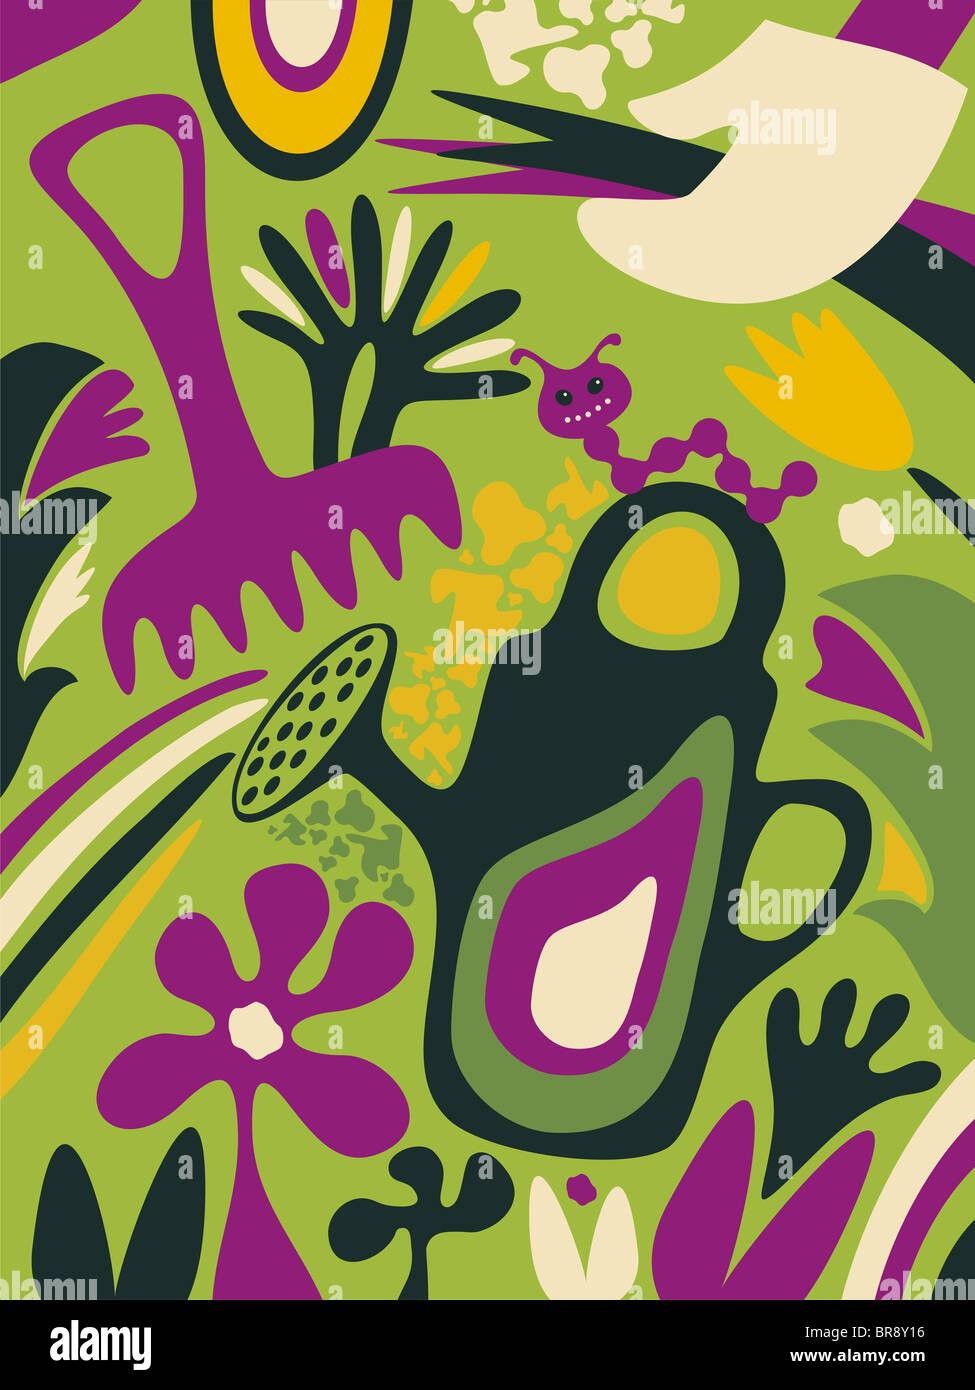 Una illustrazione whimsical riguardanti giardinaggio Immagini Stock